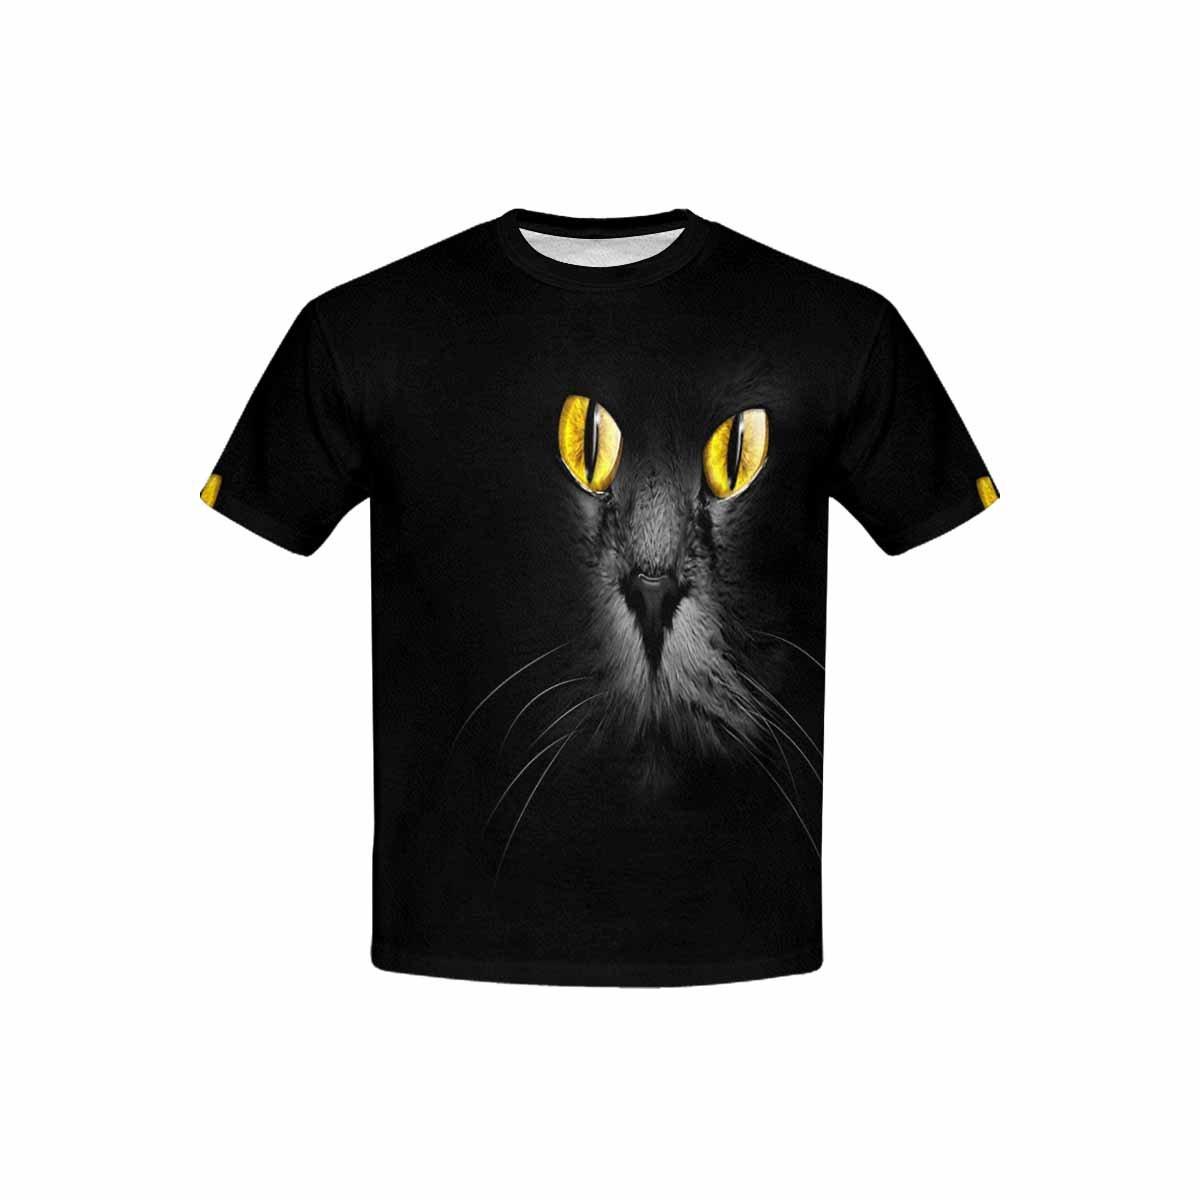 INTERESTPRINT Muzzle A Black Cat Face Childs T-Shirt XS-XL